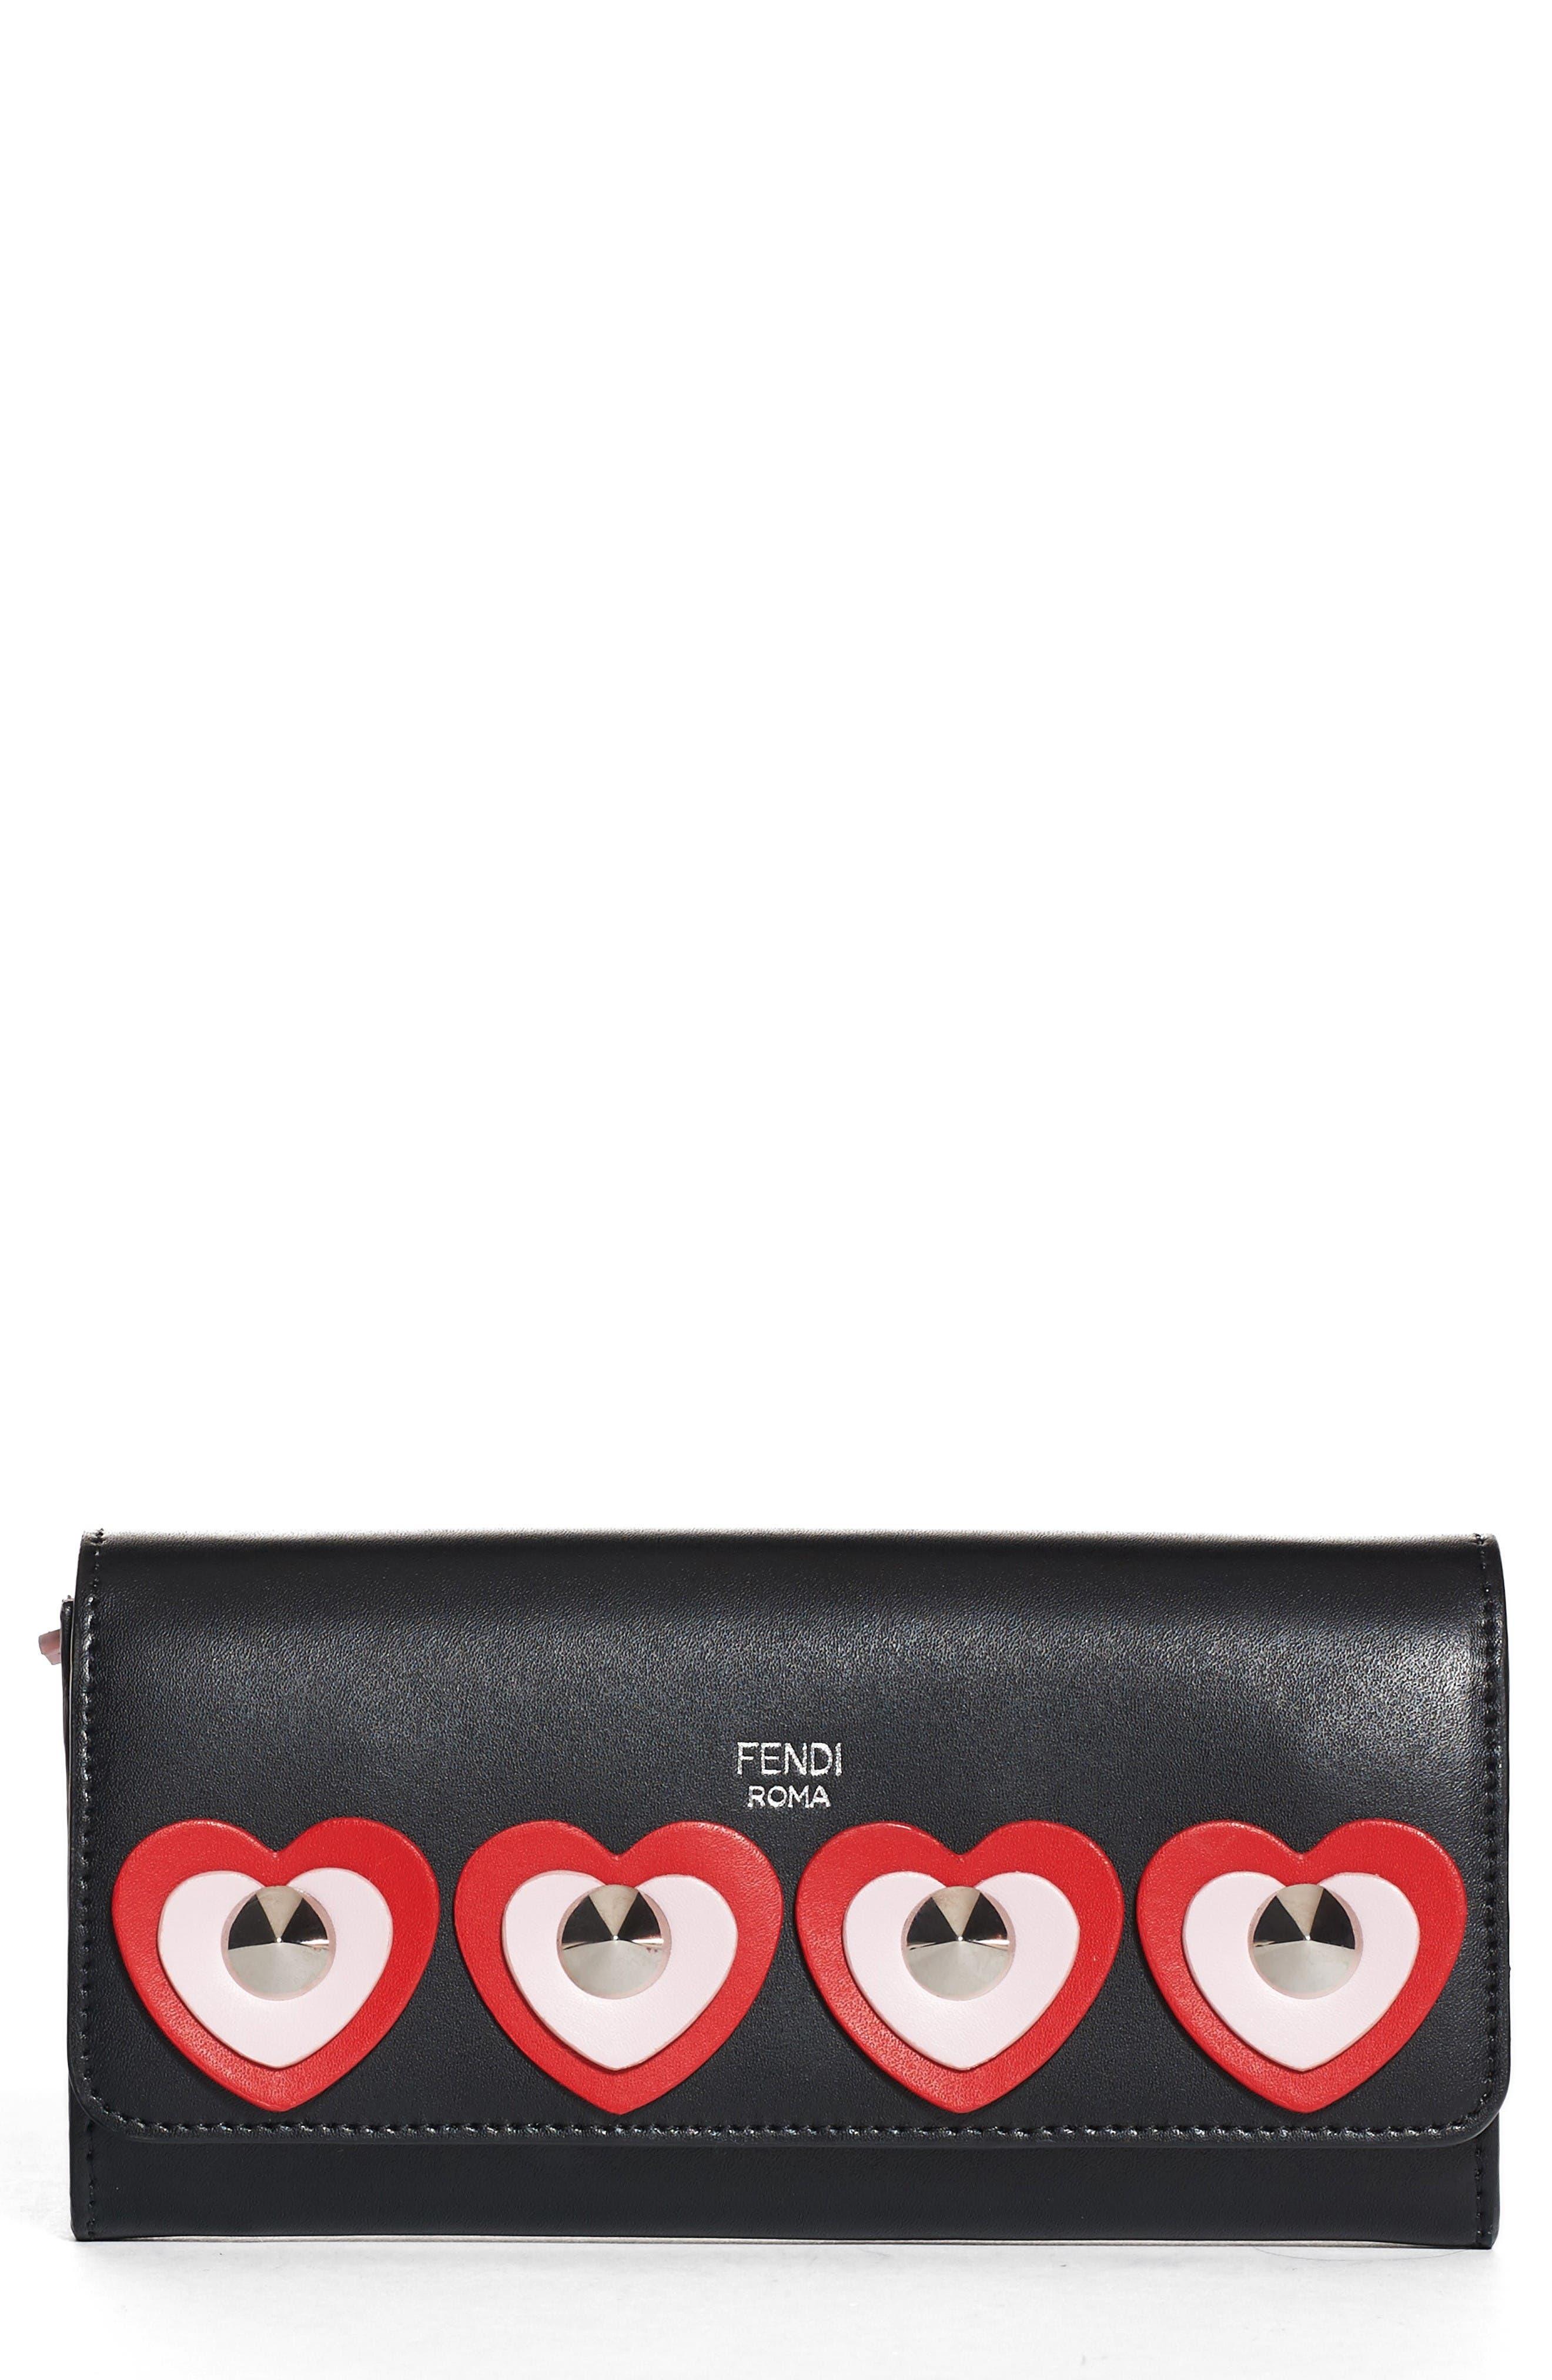 Fendi Studded Heart Calfskin Wallet on a Chain